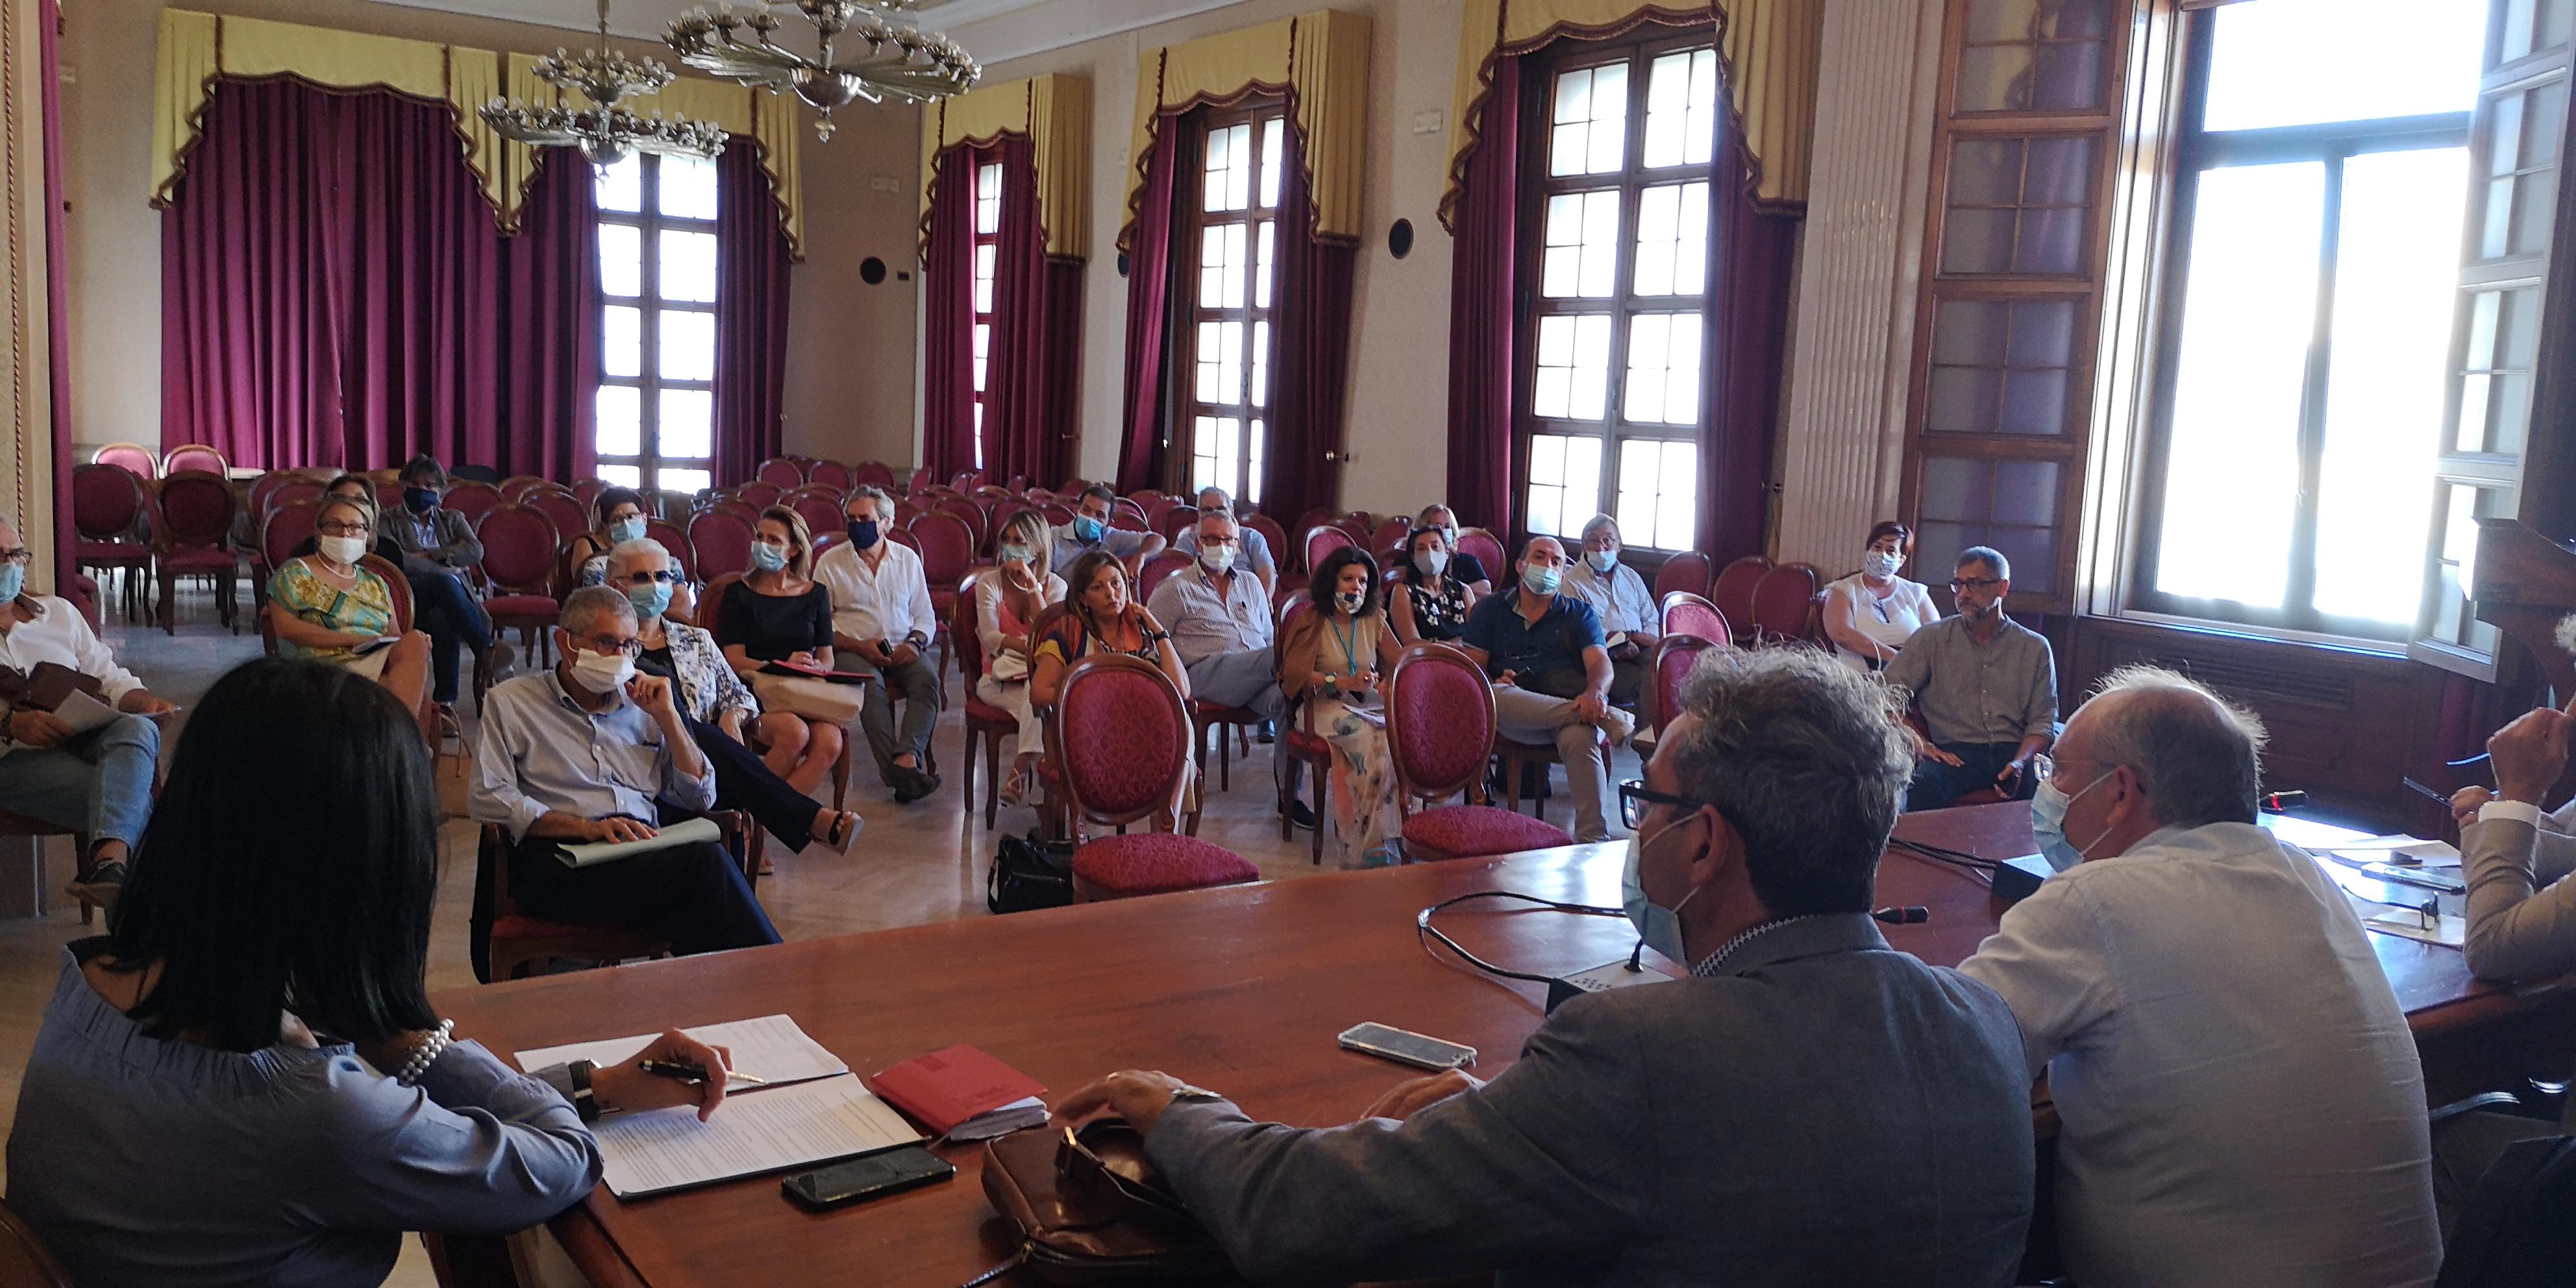 Avvio anno scolastico: incontro tra Provincia, STP e Dirigenti scolastici degli Istituti superiori